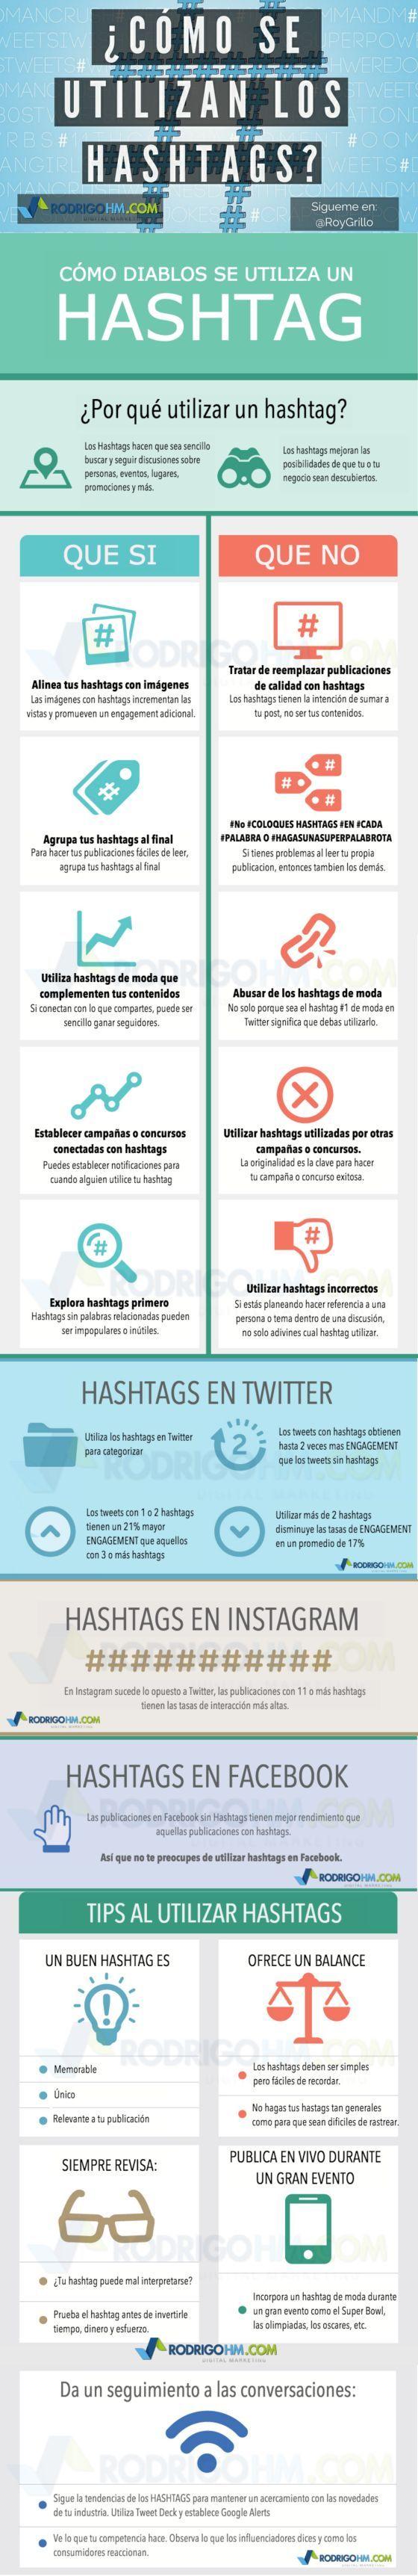 Redes Sociales: ¿Cómo usar los hashtags?